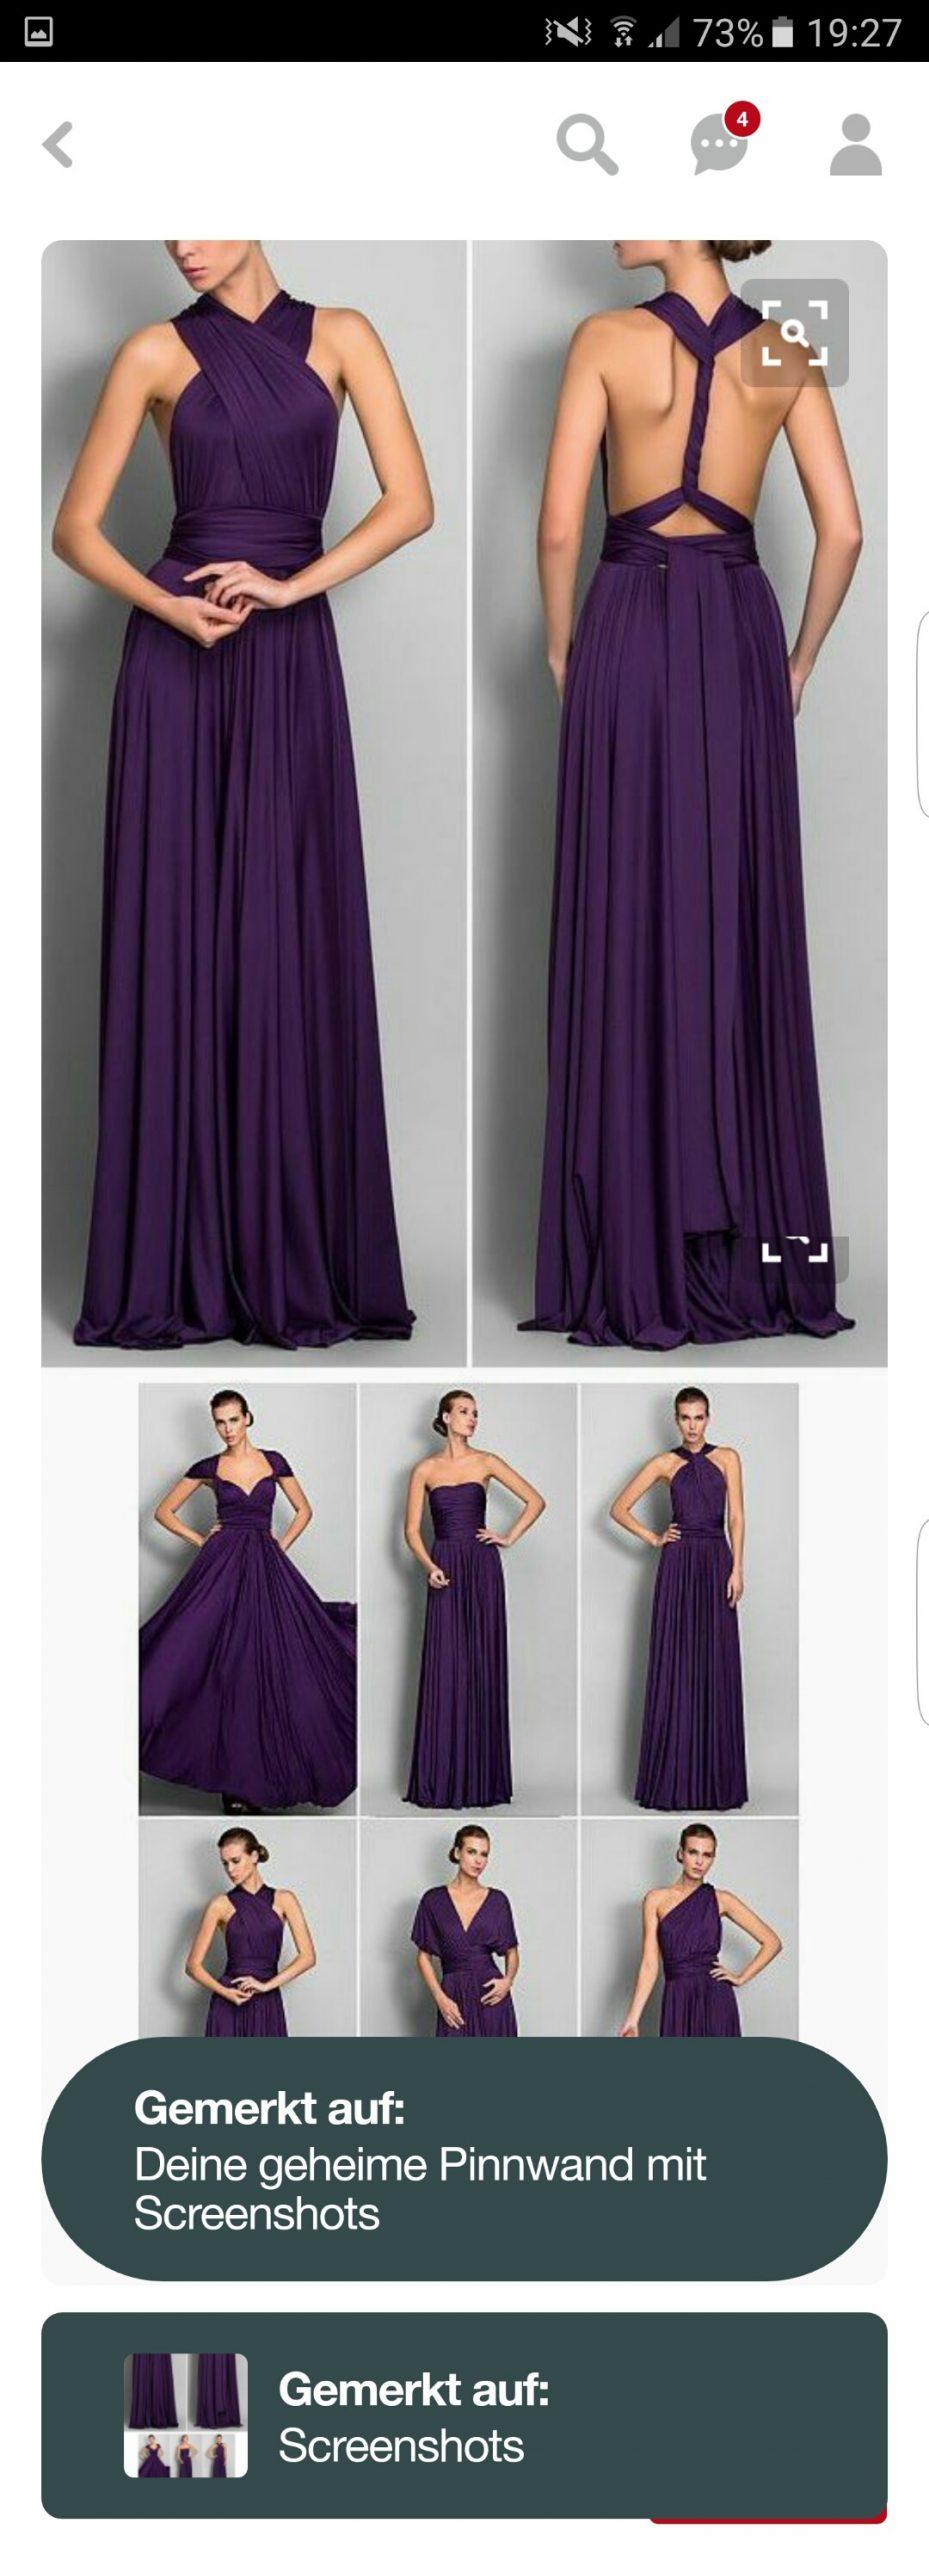 13 Ausgezeichnet Abendkleid Zum Wickeln Boutique13 Luxurius Abendkleid Zum Wickeln für 2019